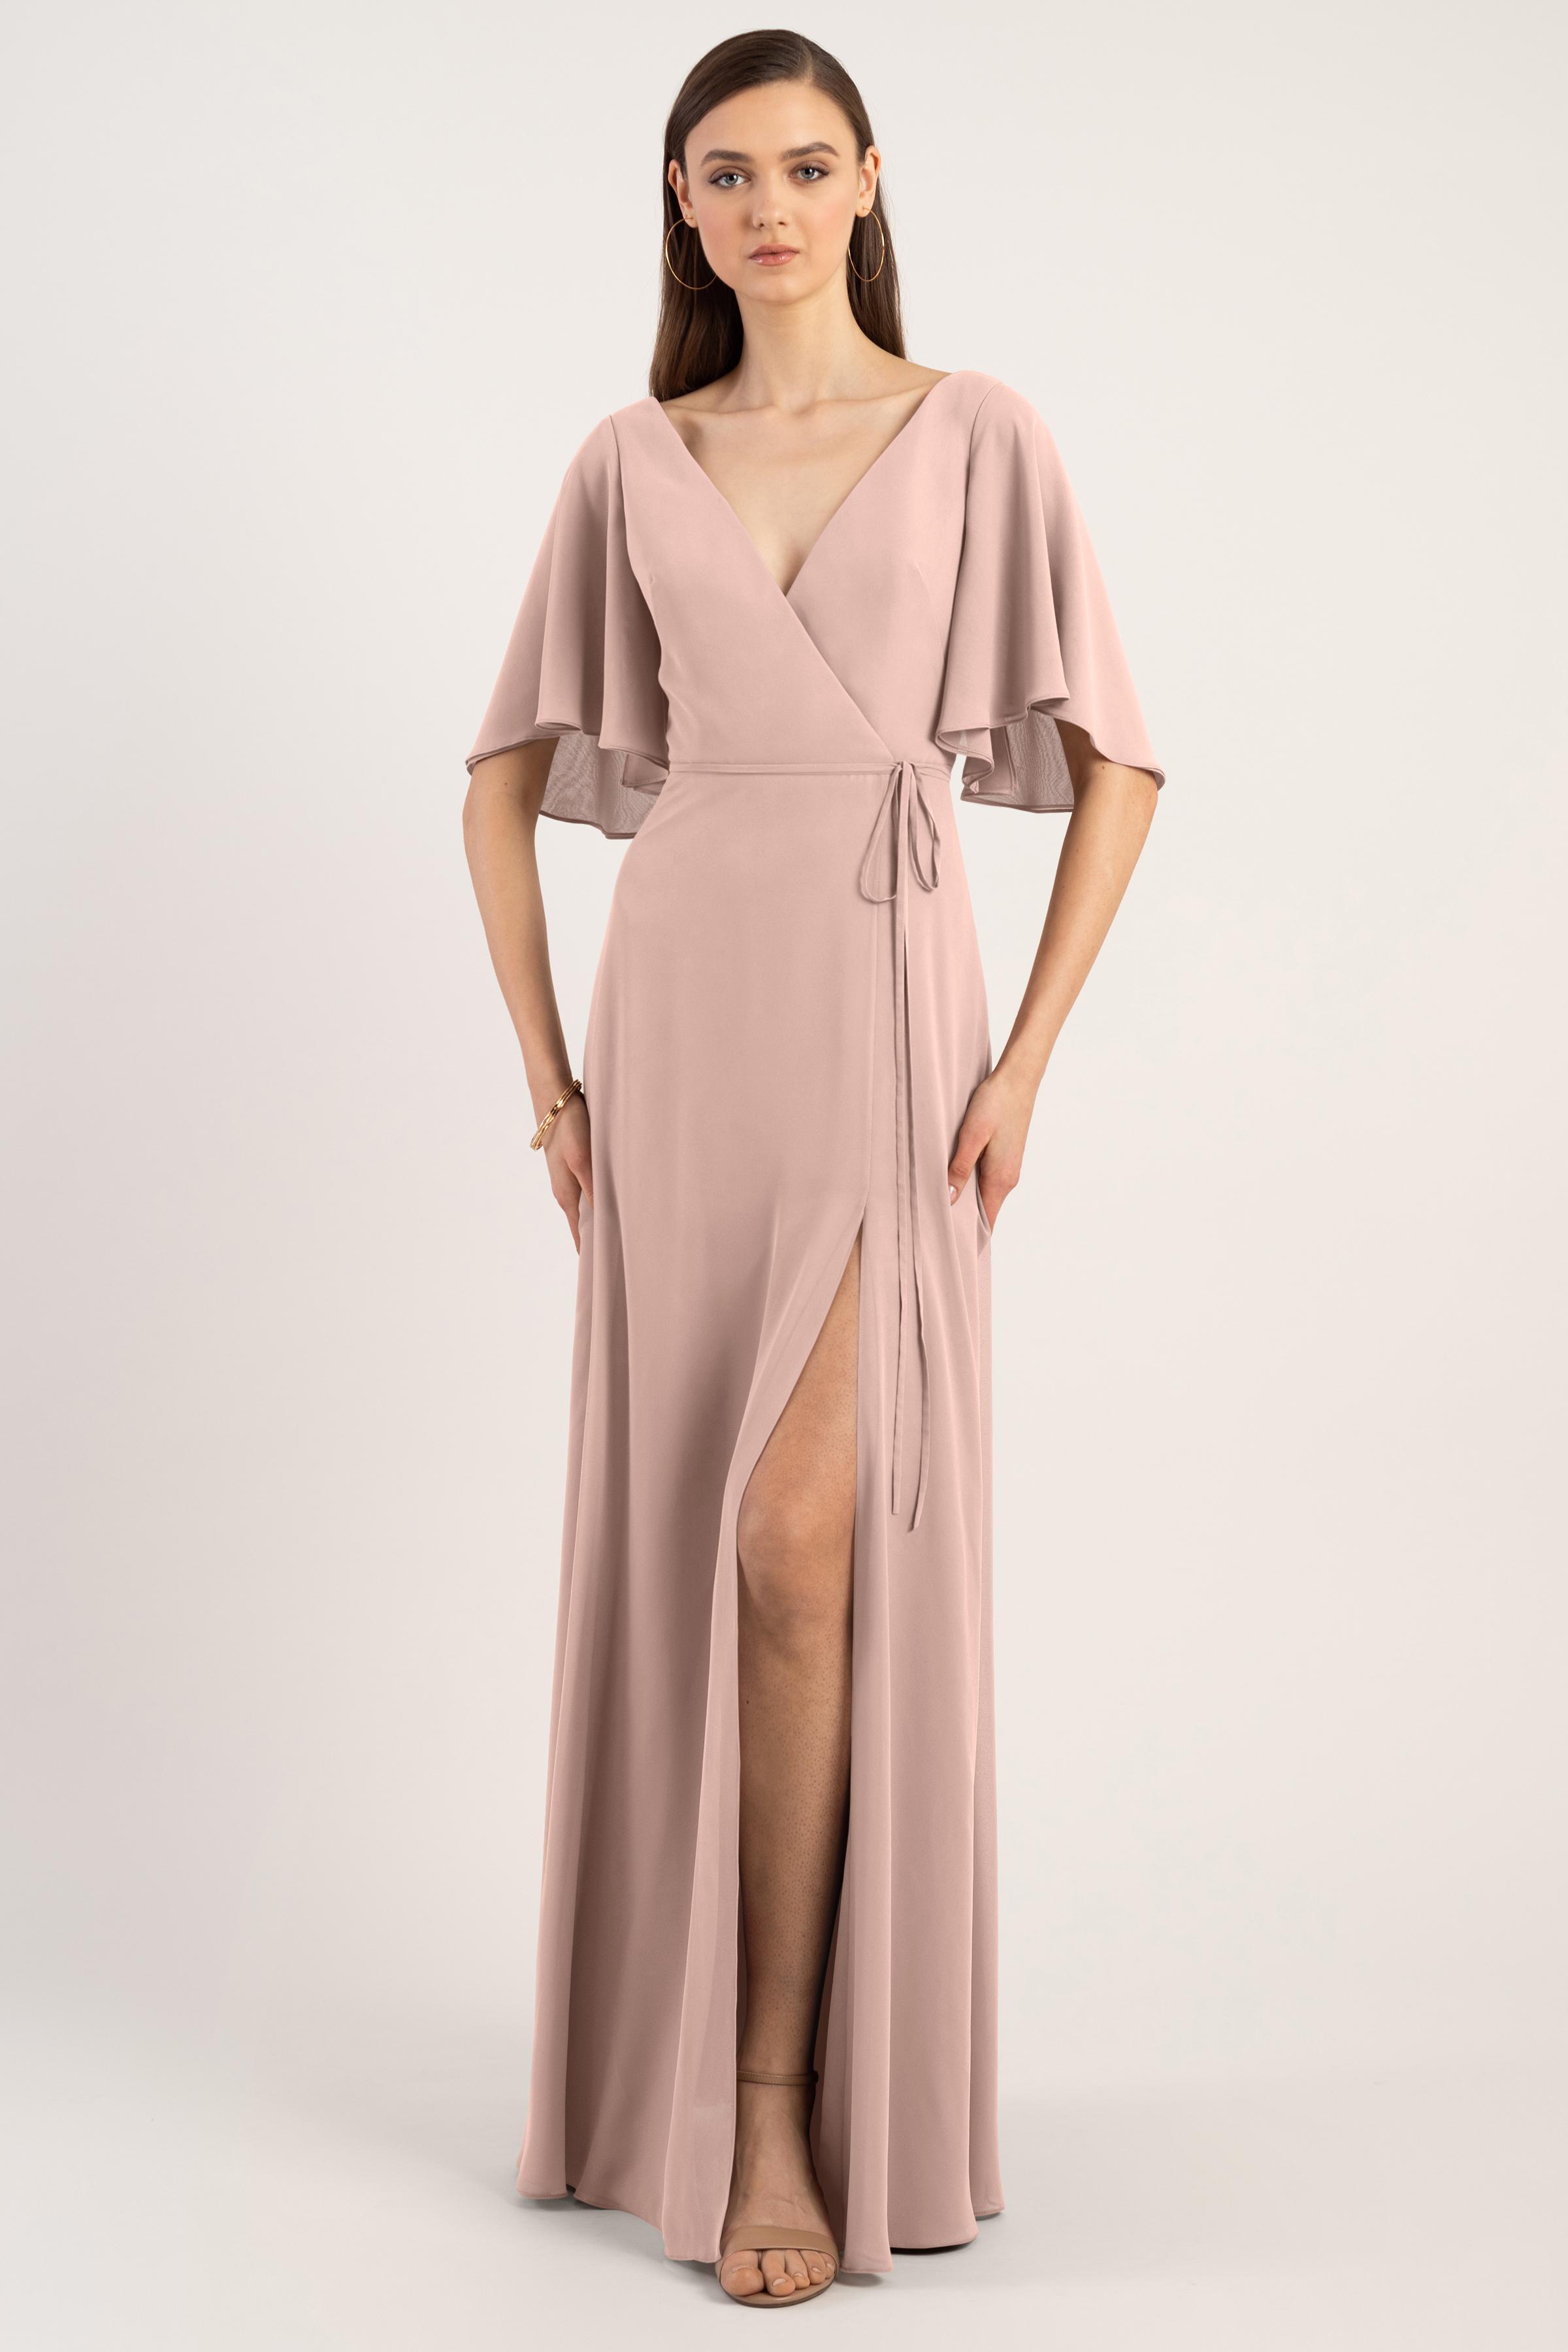 Ari Bridesmaids Dress by Jenny Yoo - Whipped Apricot